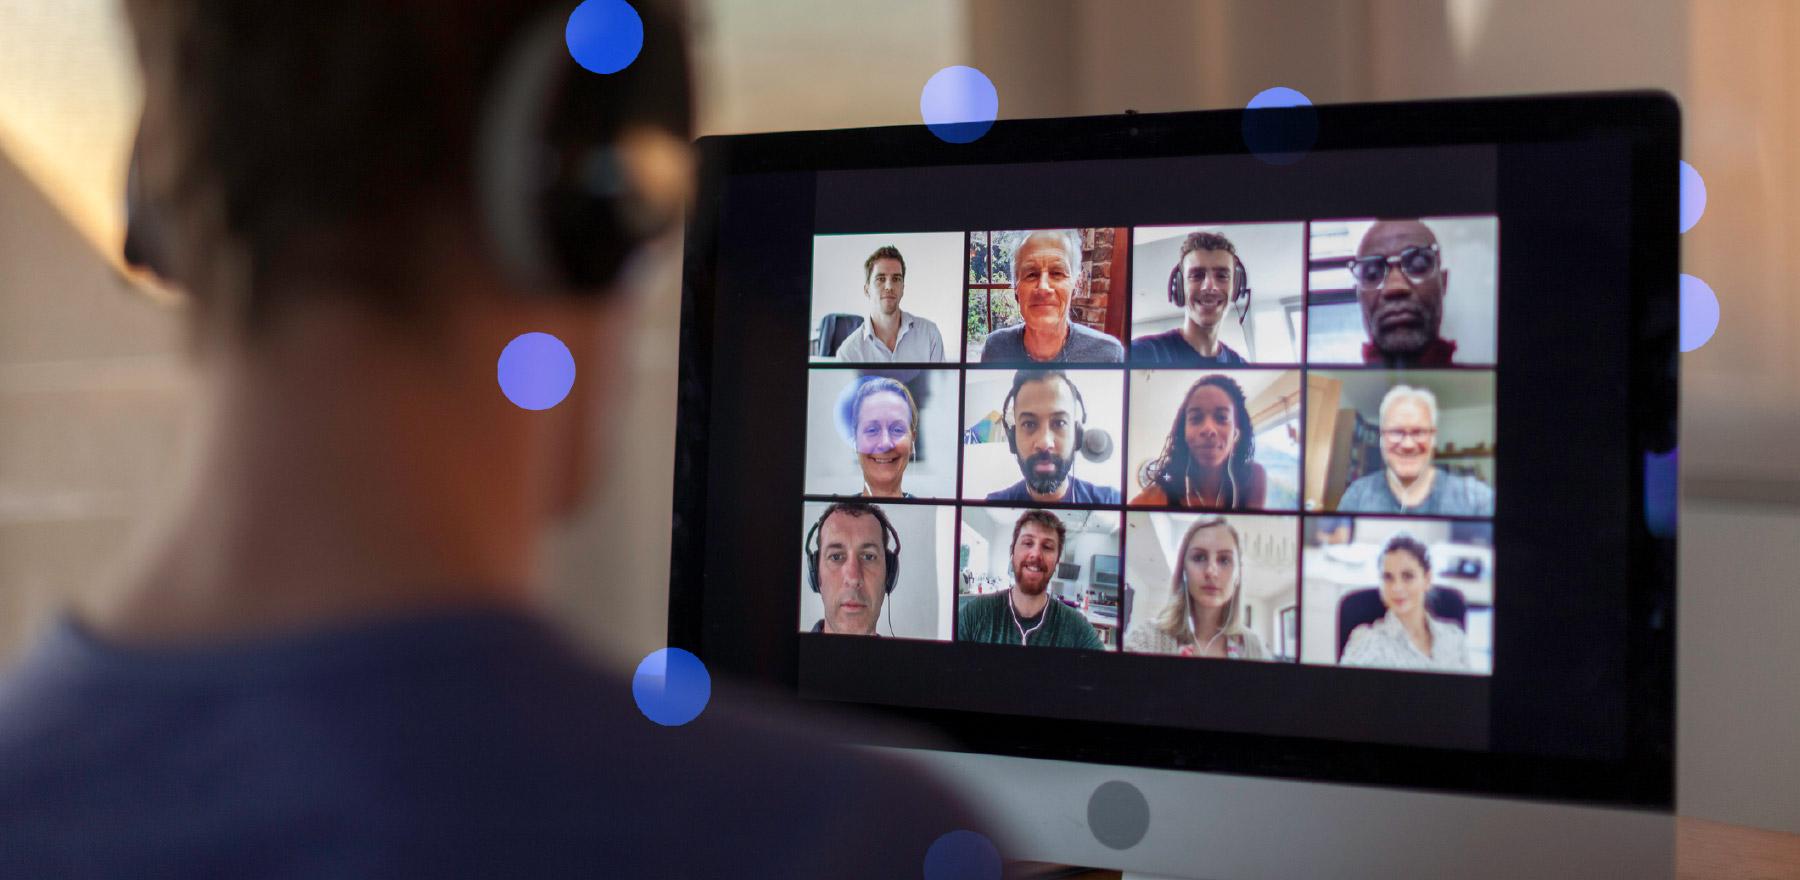 Telefónica Tech y Zoom se alían para ofrecer servicios de colaboración de próxima generación